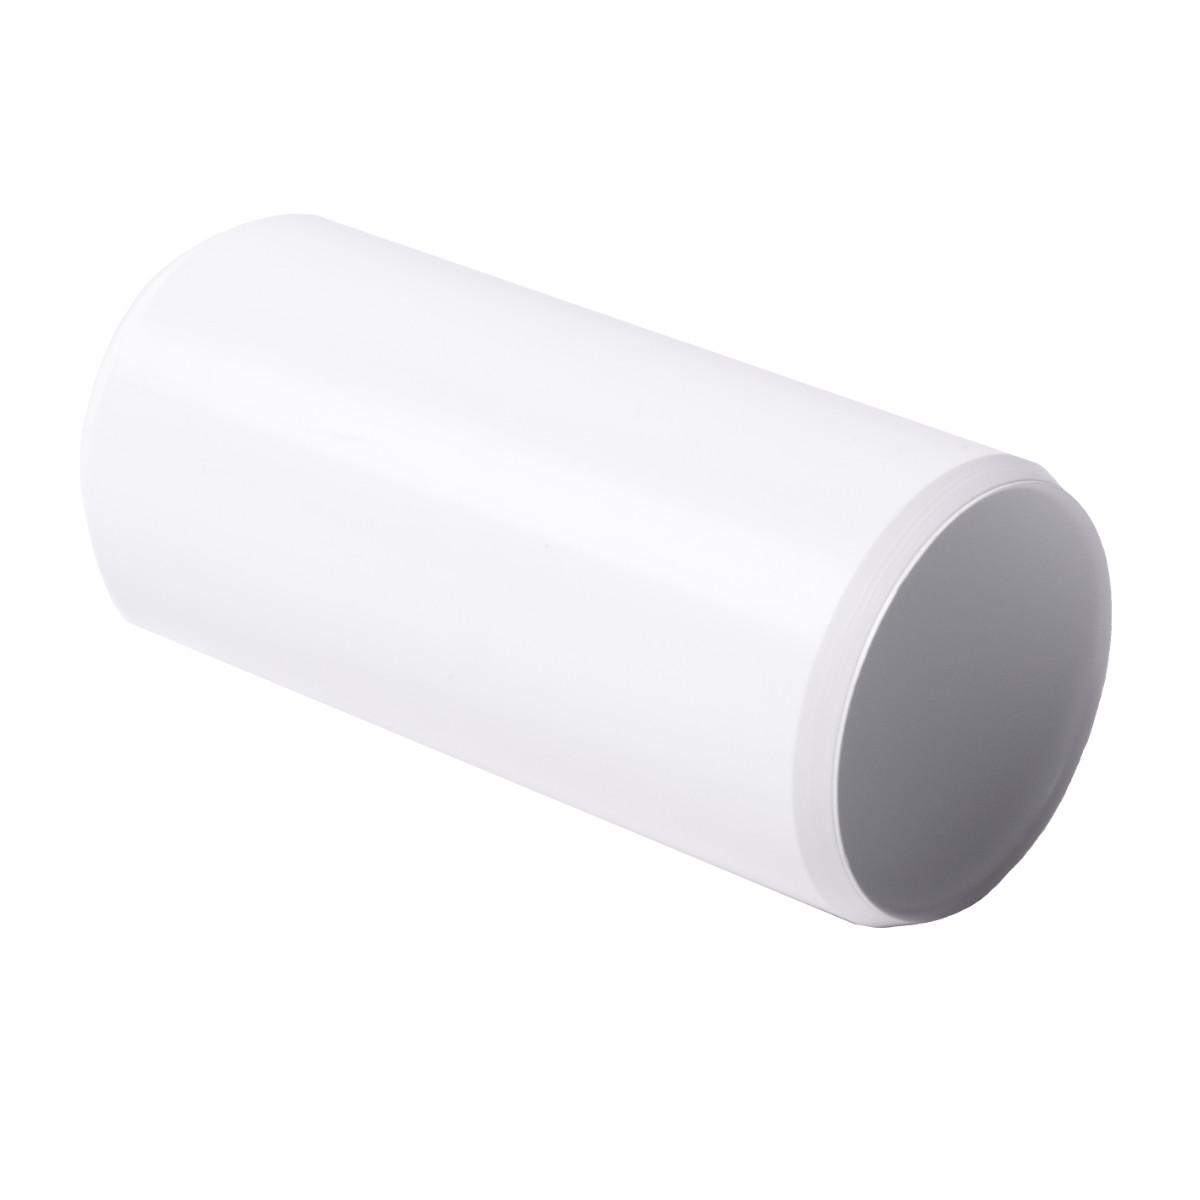 Муфта з'єднувальна для труби 25 мм ; Ø25мм; ПВХ;; t застосування -25+60 °с; біла; Упаковка 10 шт